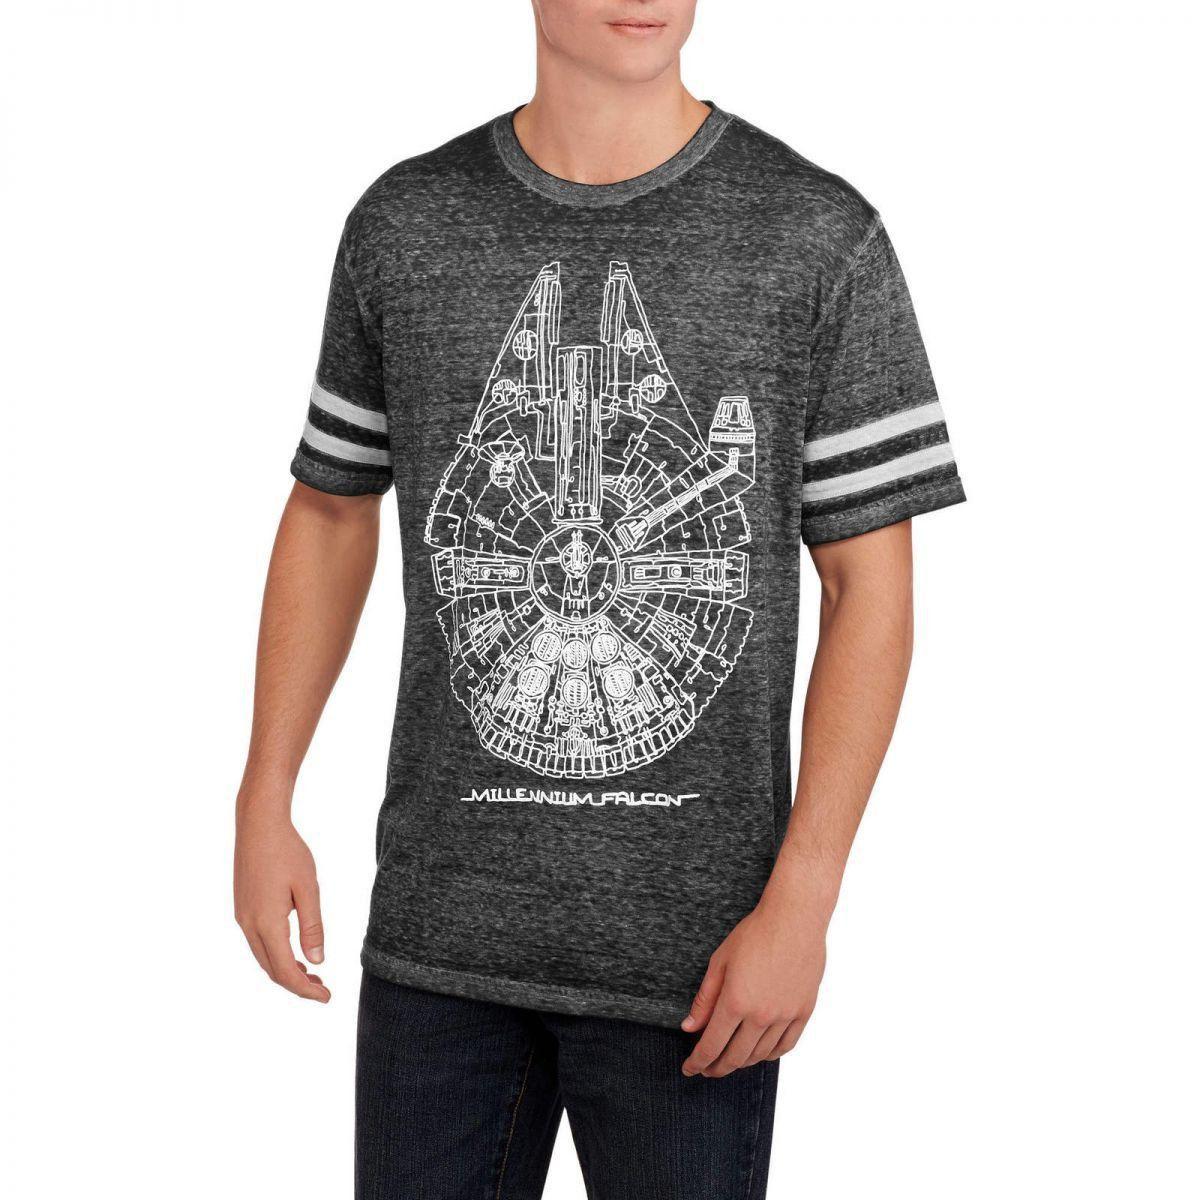 Camiseta Star Wars: Millennium Falcon